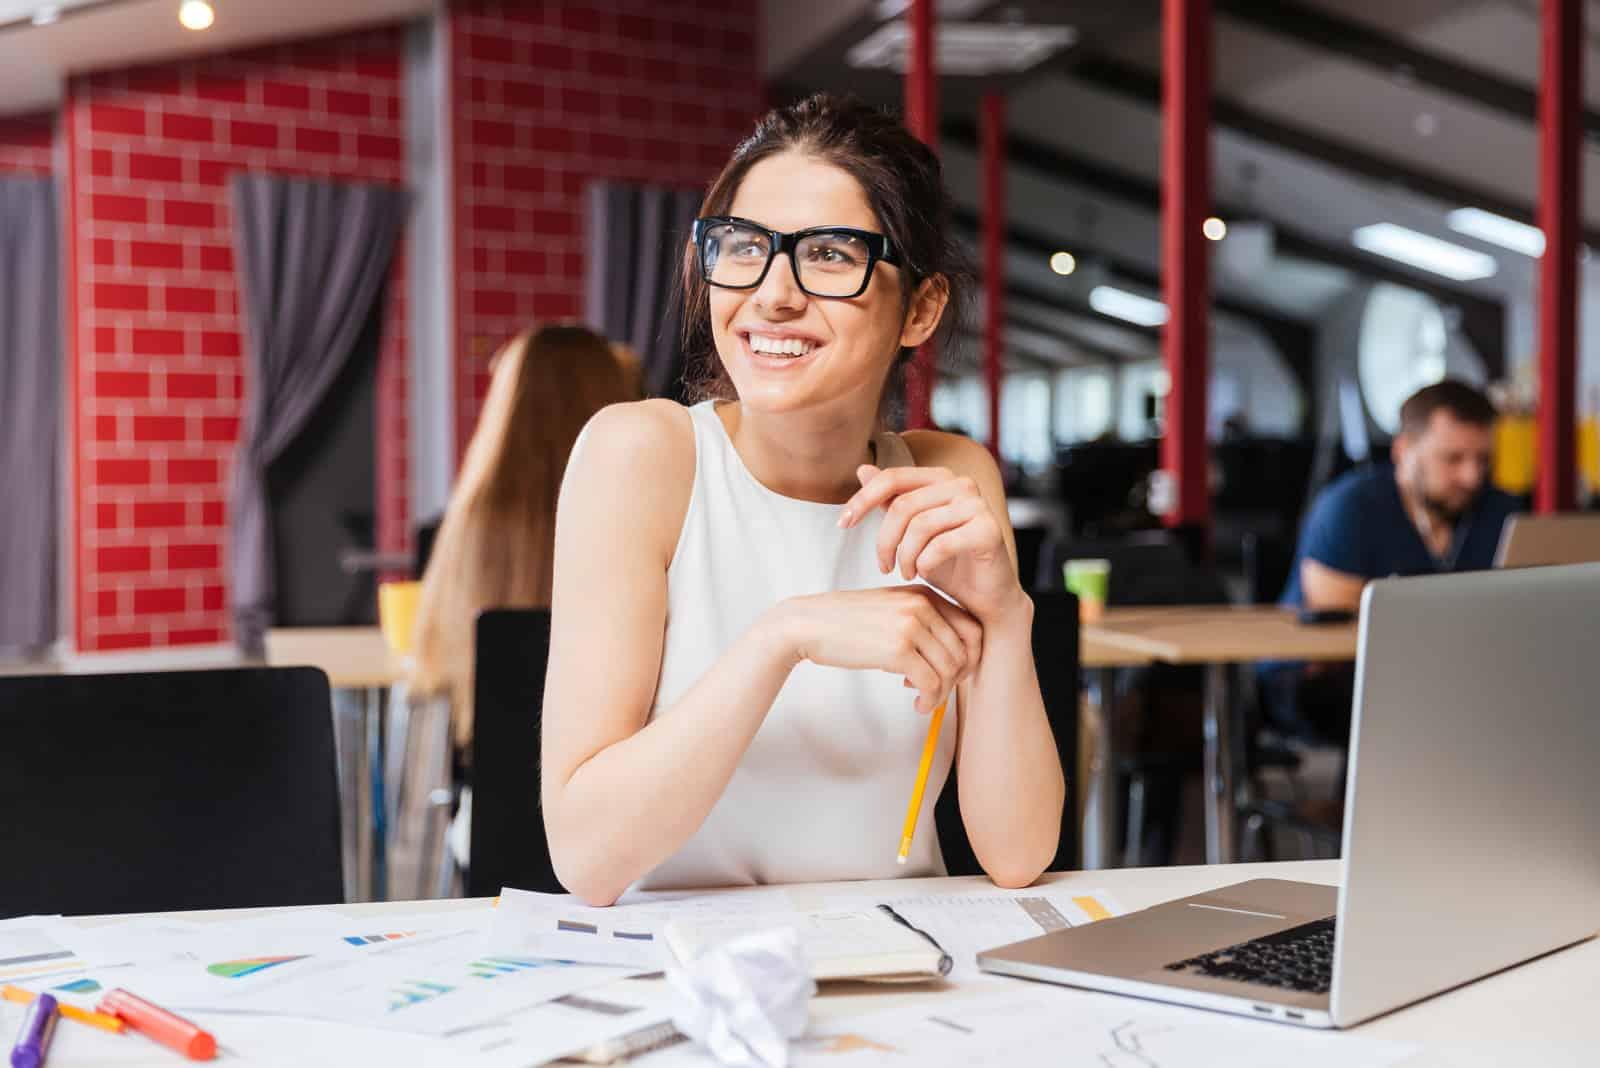 une belle femme avec des lunettes est assise